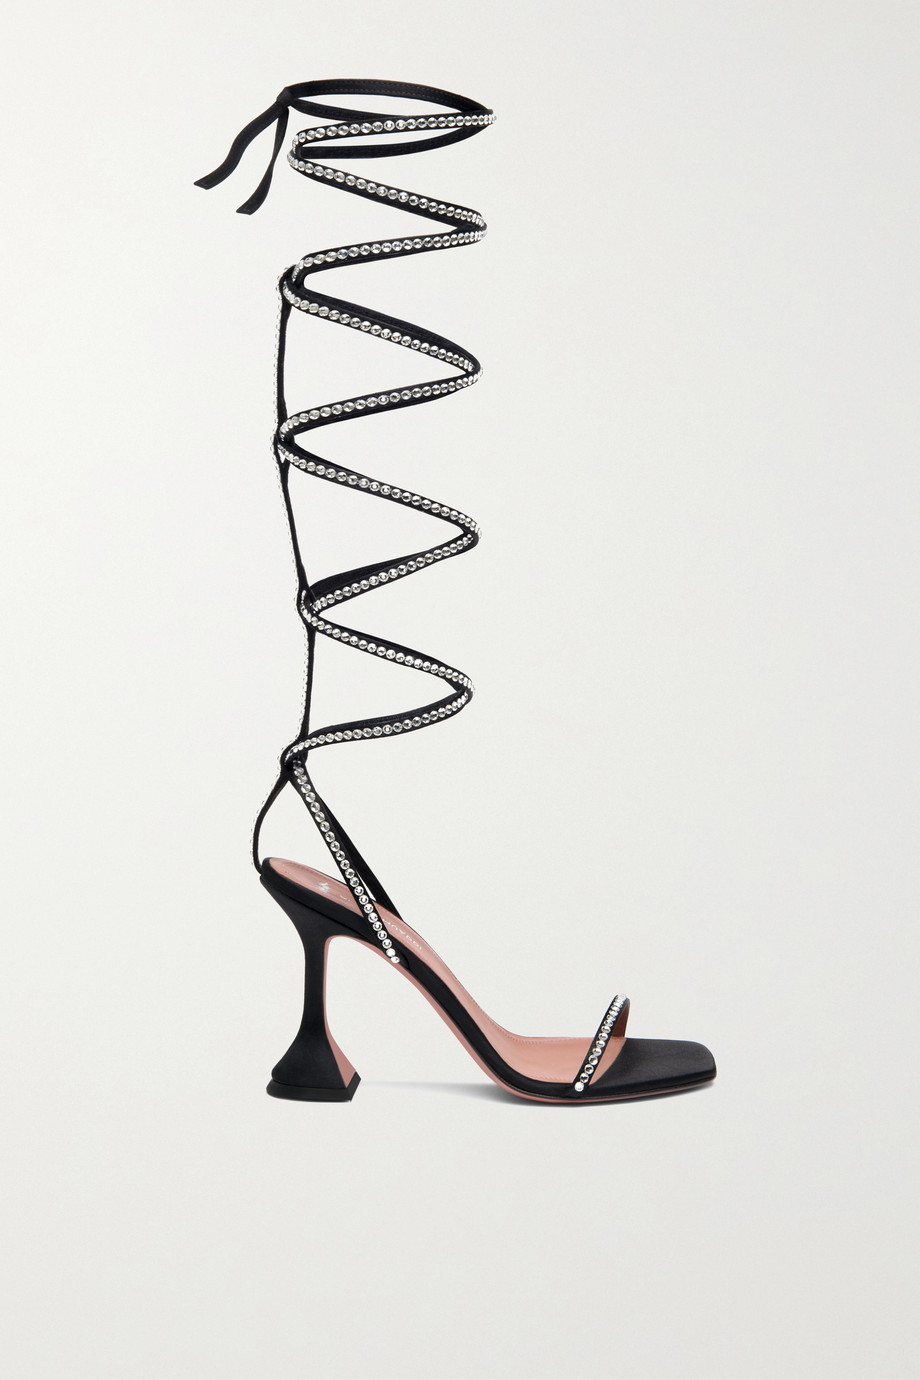 Amina Muaddi + AWGE Gladi crystal-embellished satin sandals